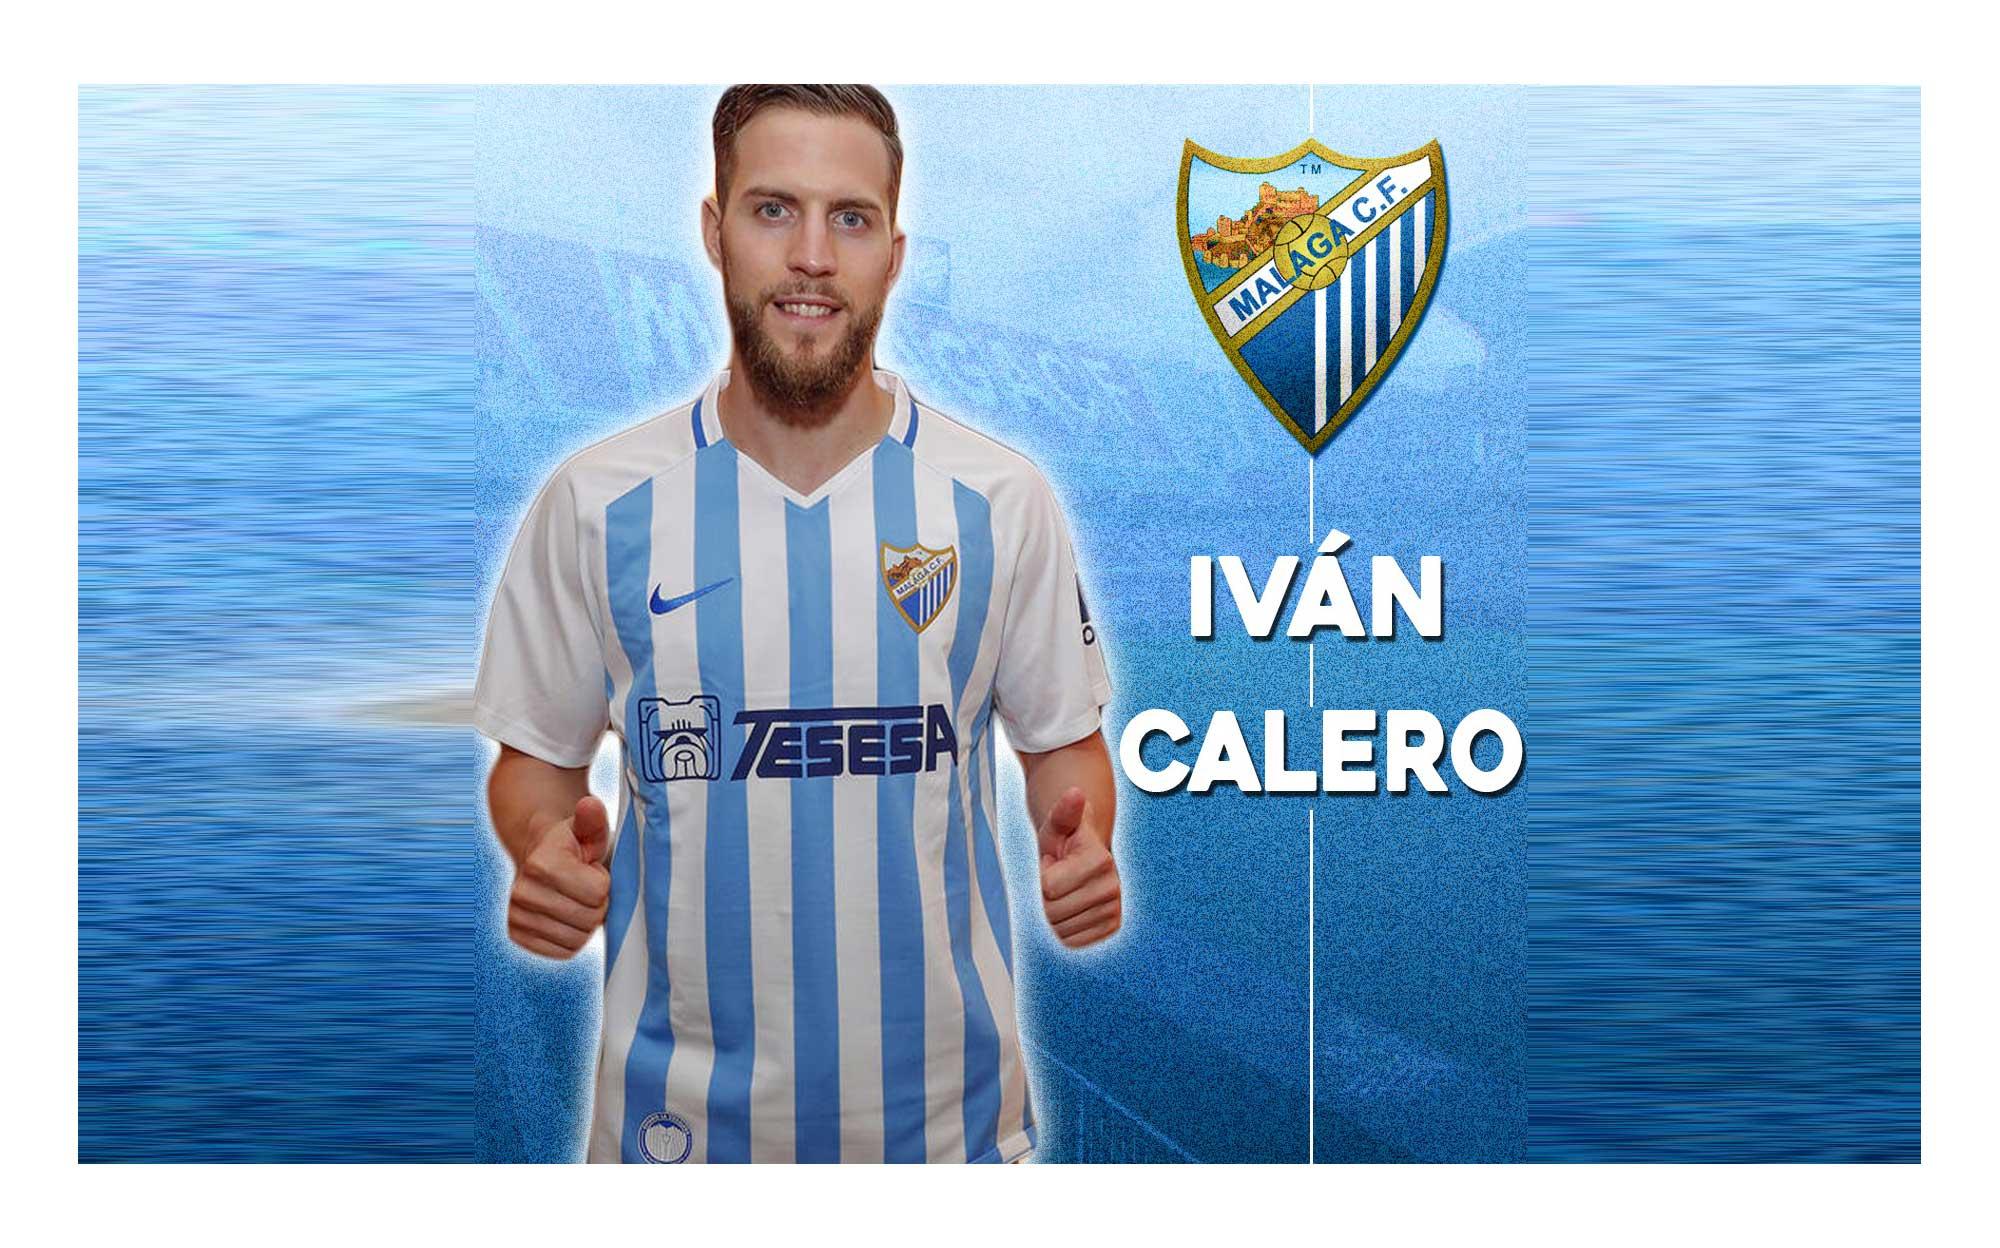 Imagen de Iván Calero en el Málaga CF